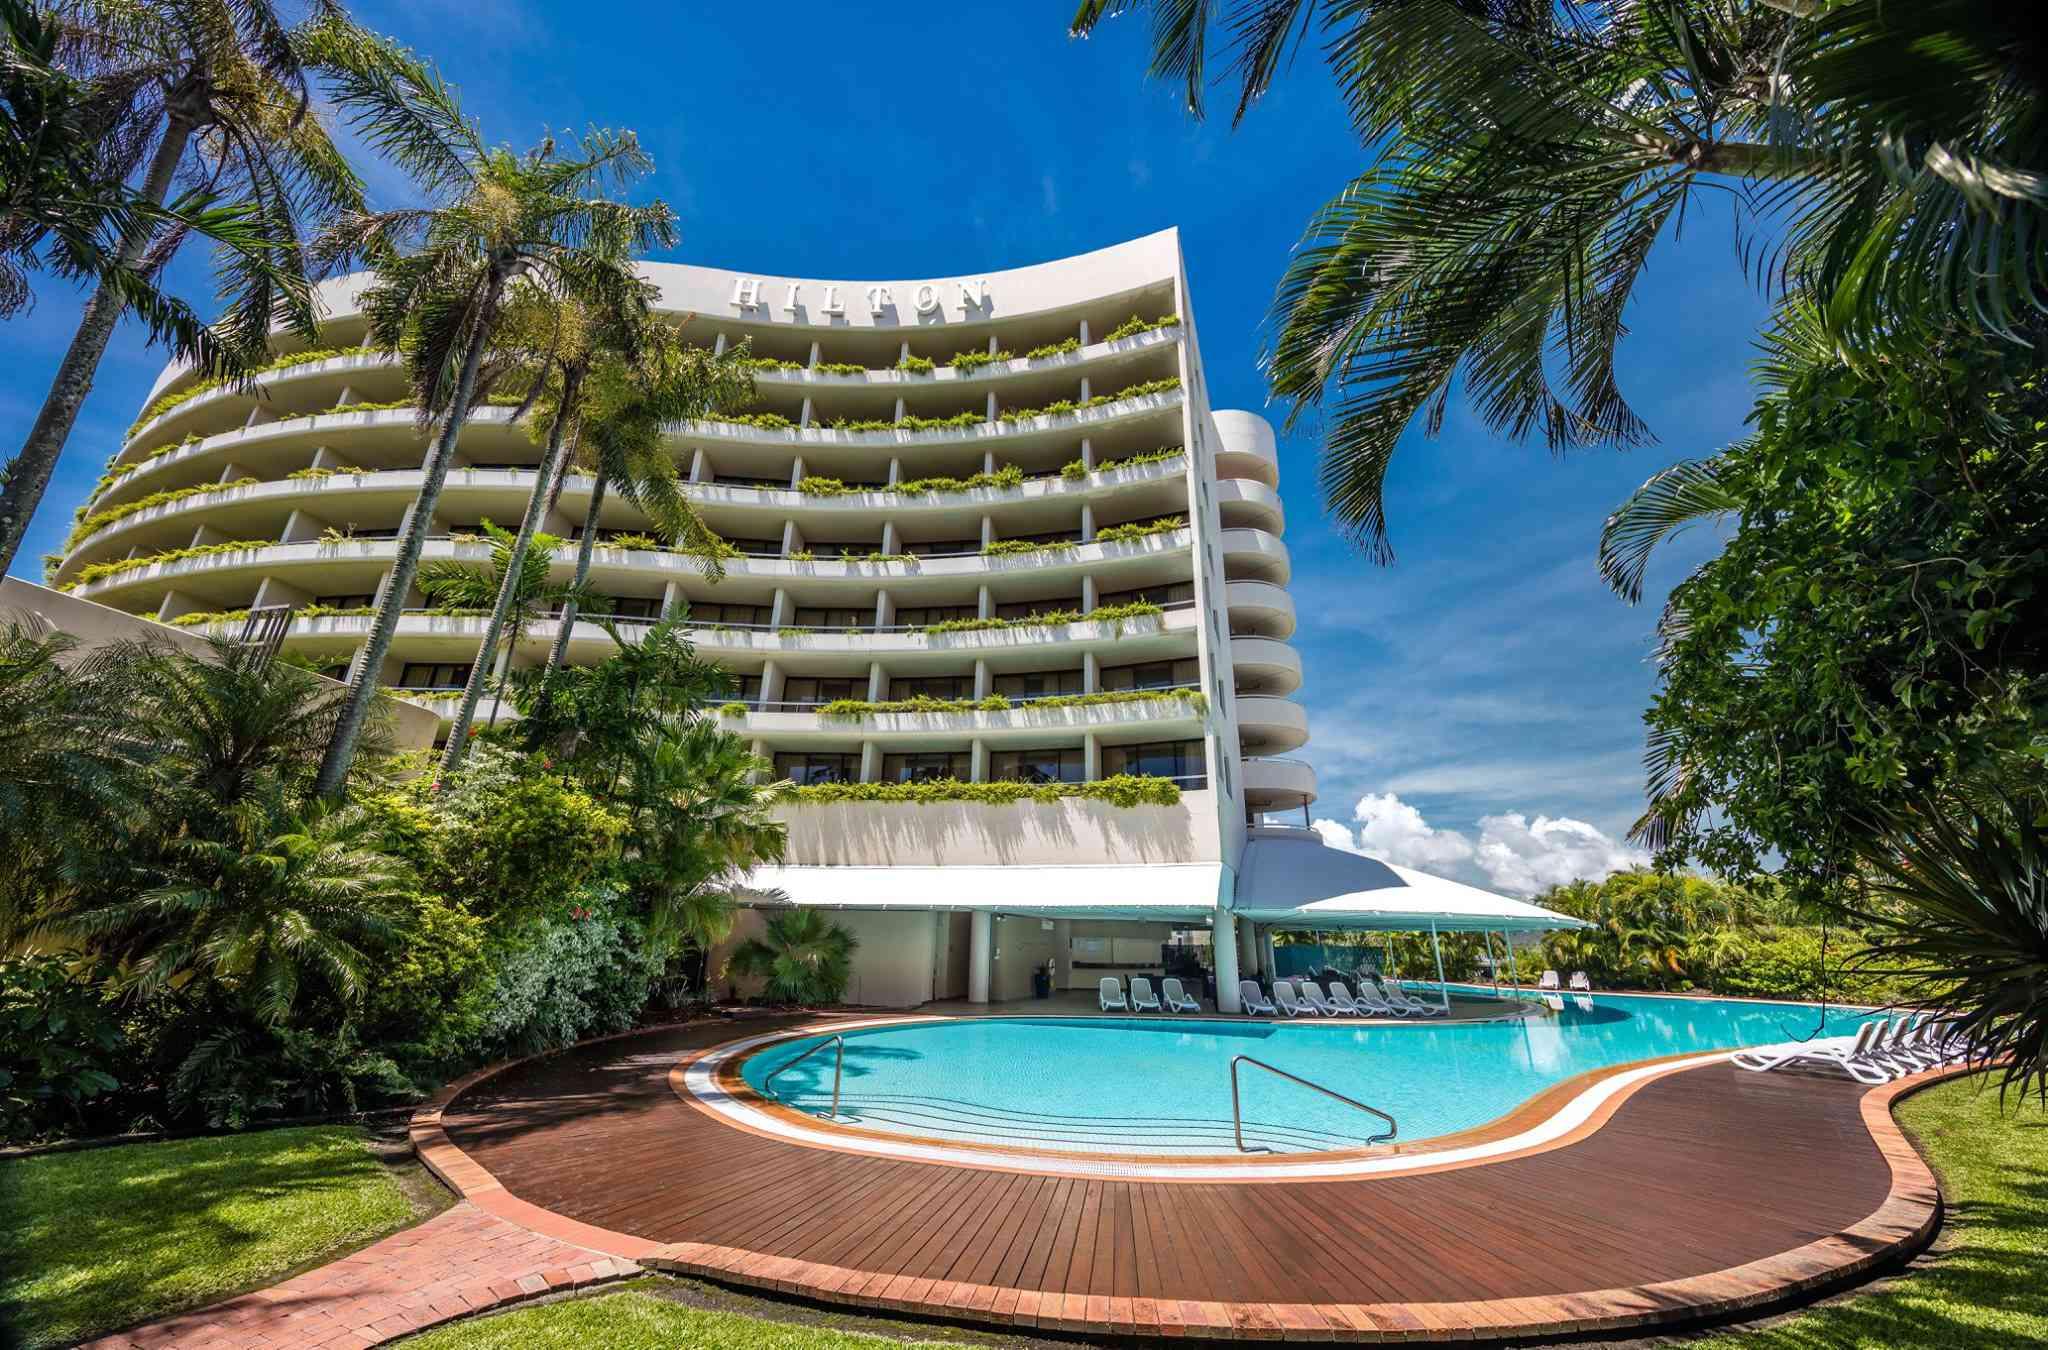 Exterior del hotel Hilton con piscina